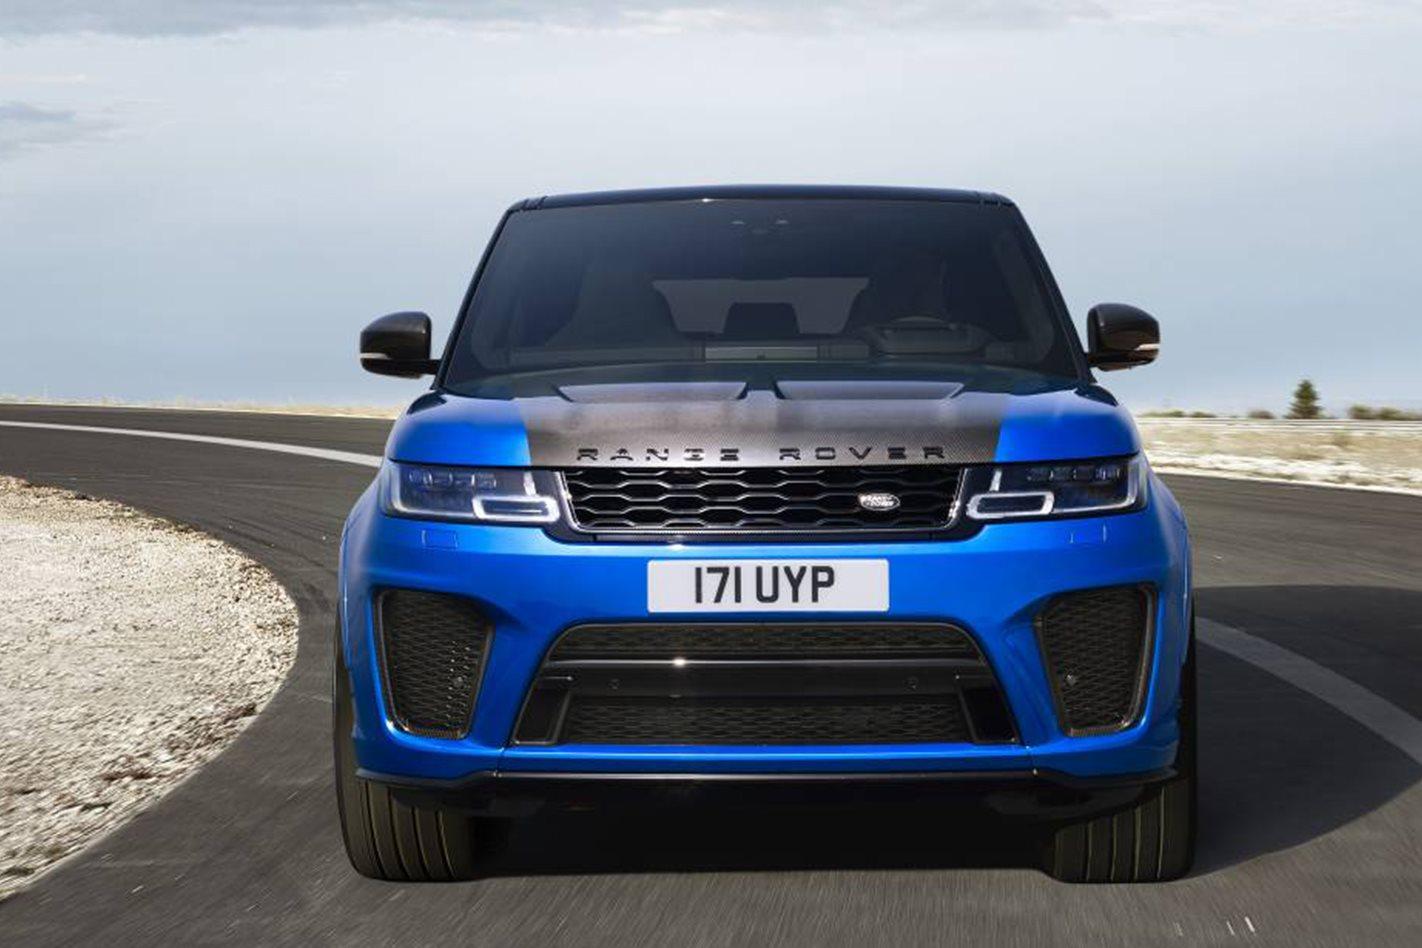 2018-Range-Rover-Sport-front.jpg